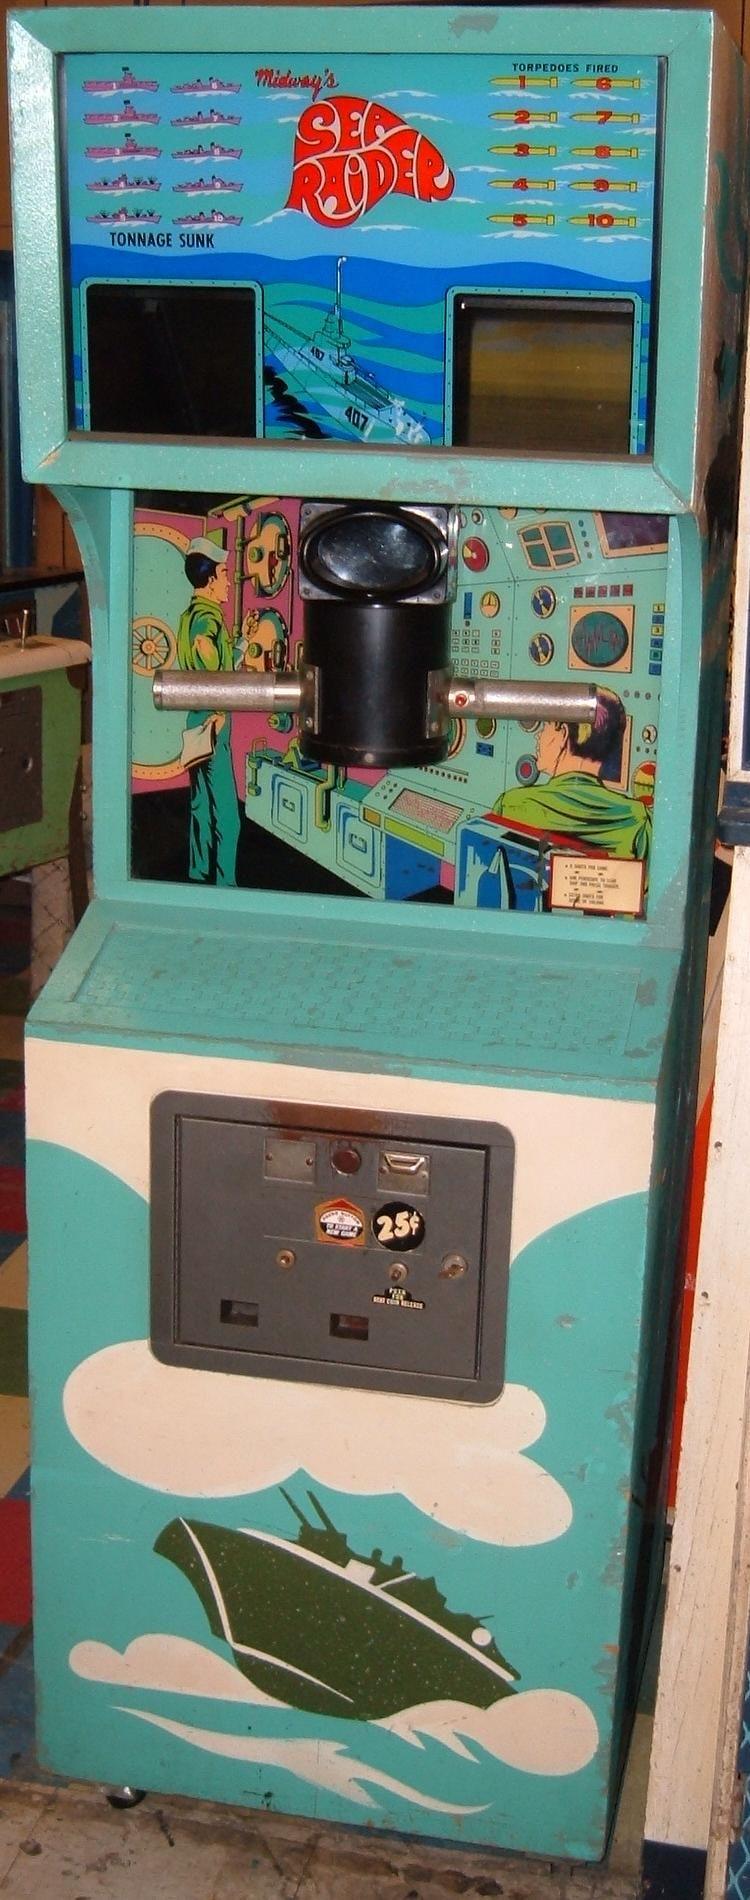 Игровые автоматы midwey inurl phpbb profile игровые автоматы играть бесплатно